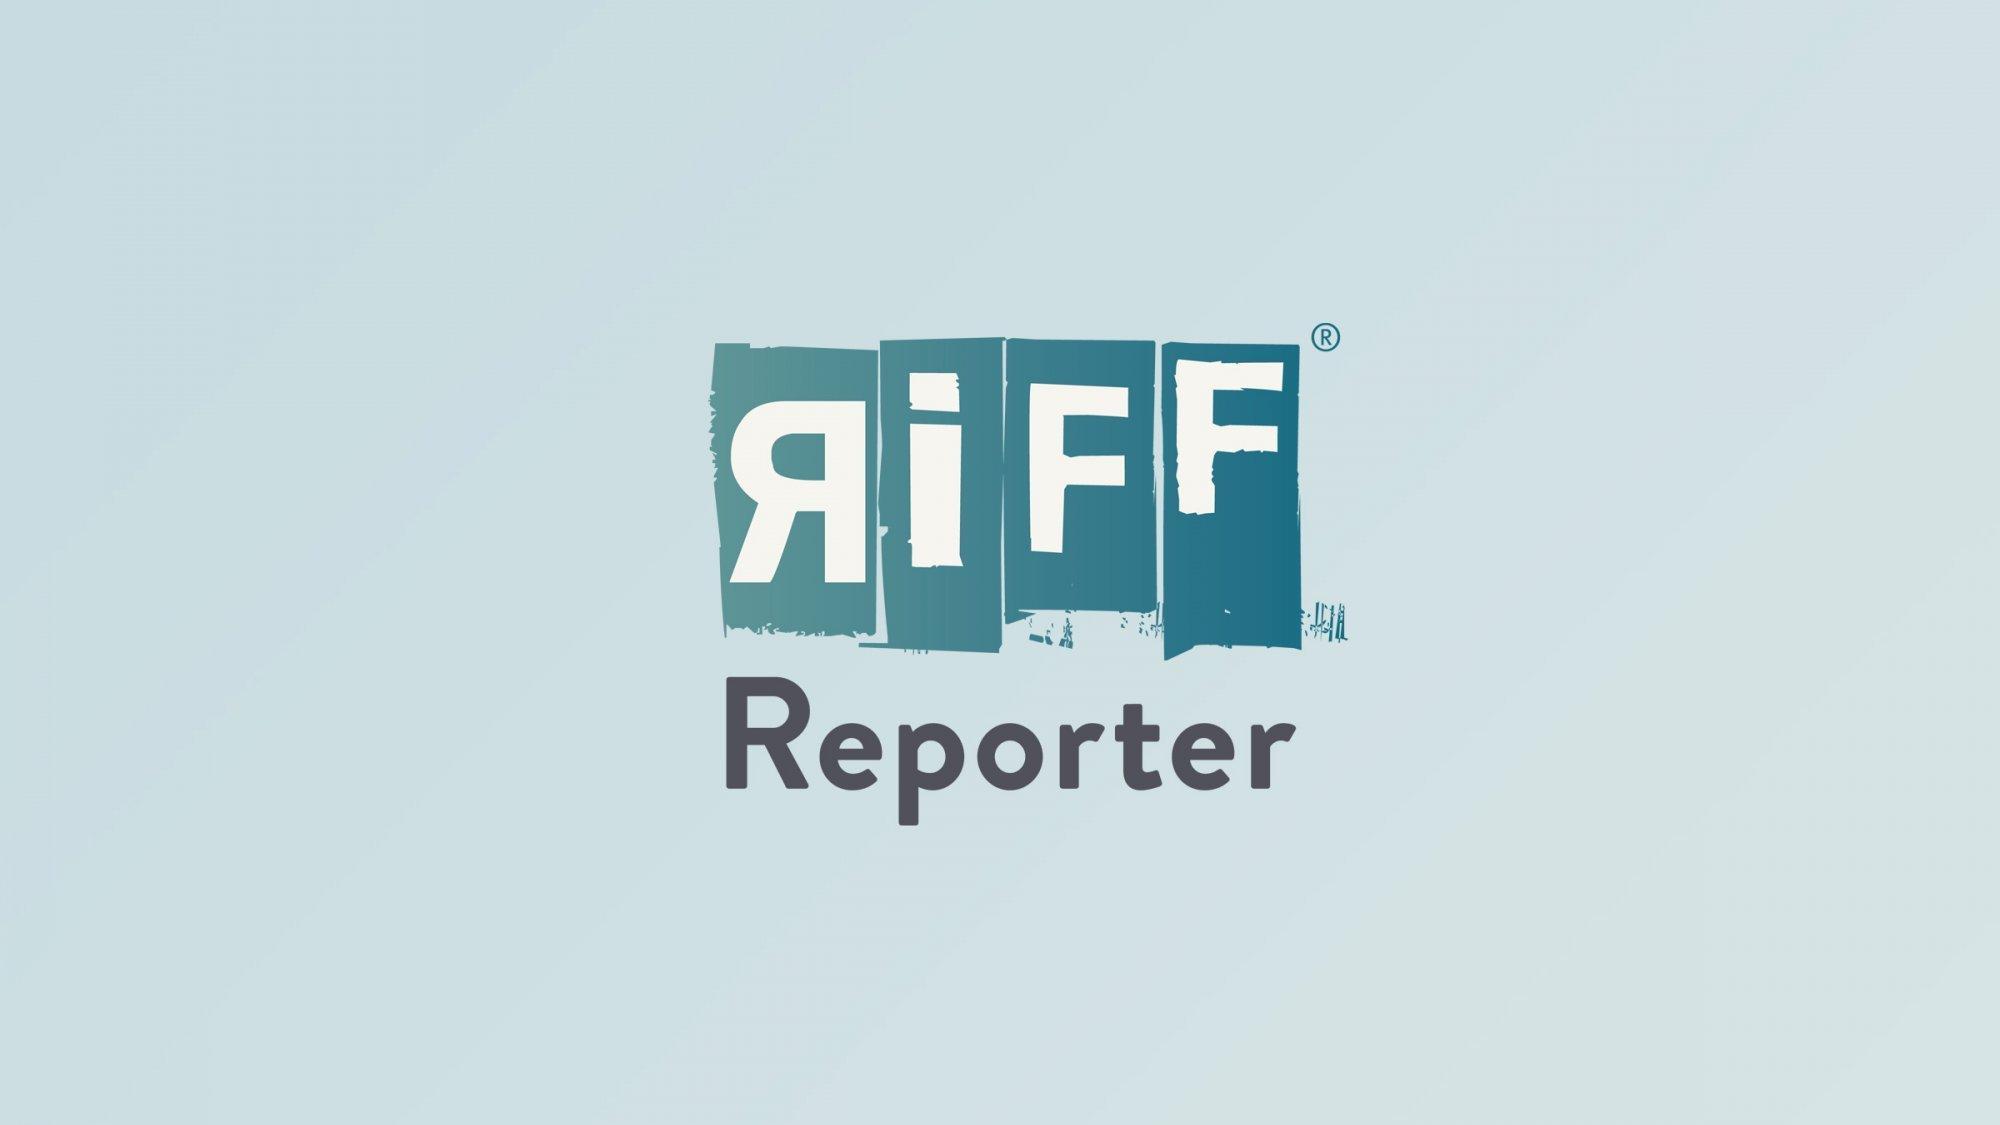 Eine Nahaufnahme eines Windrotors, bei der die messerscharfen Zacken an der Unterseite zu erkennen sind.